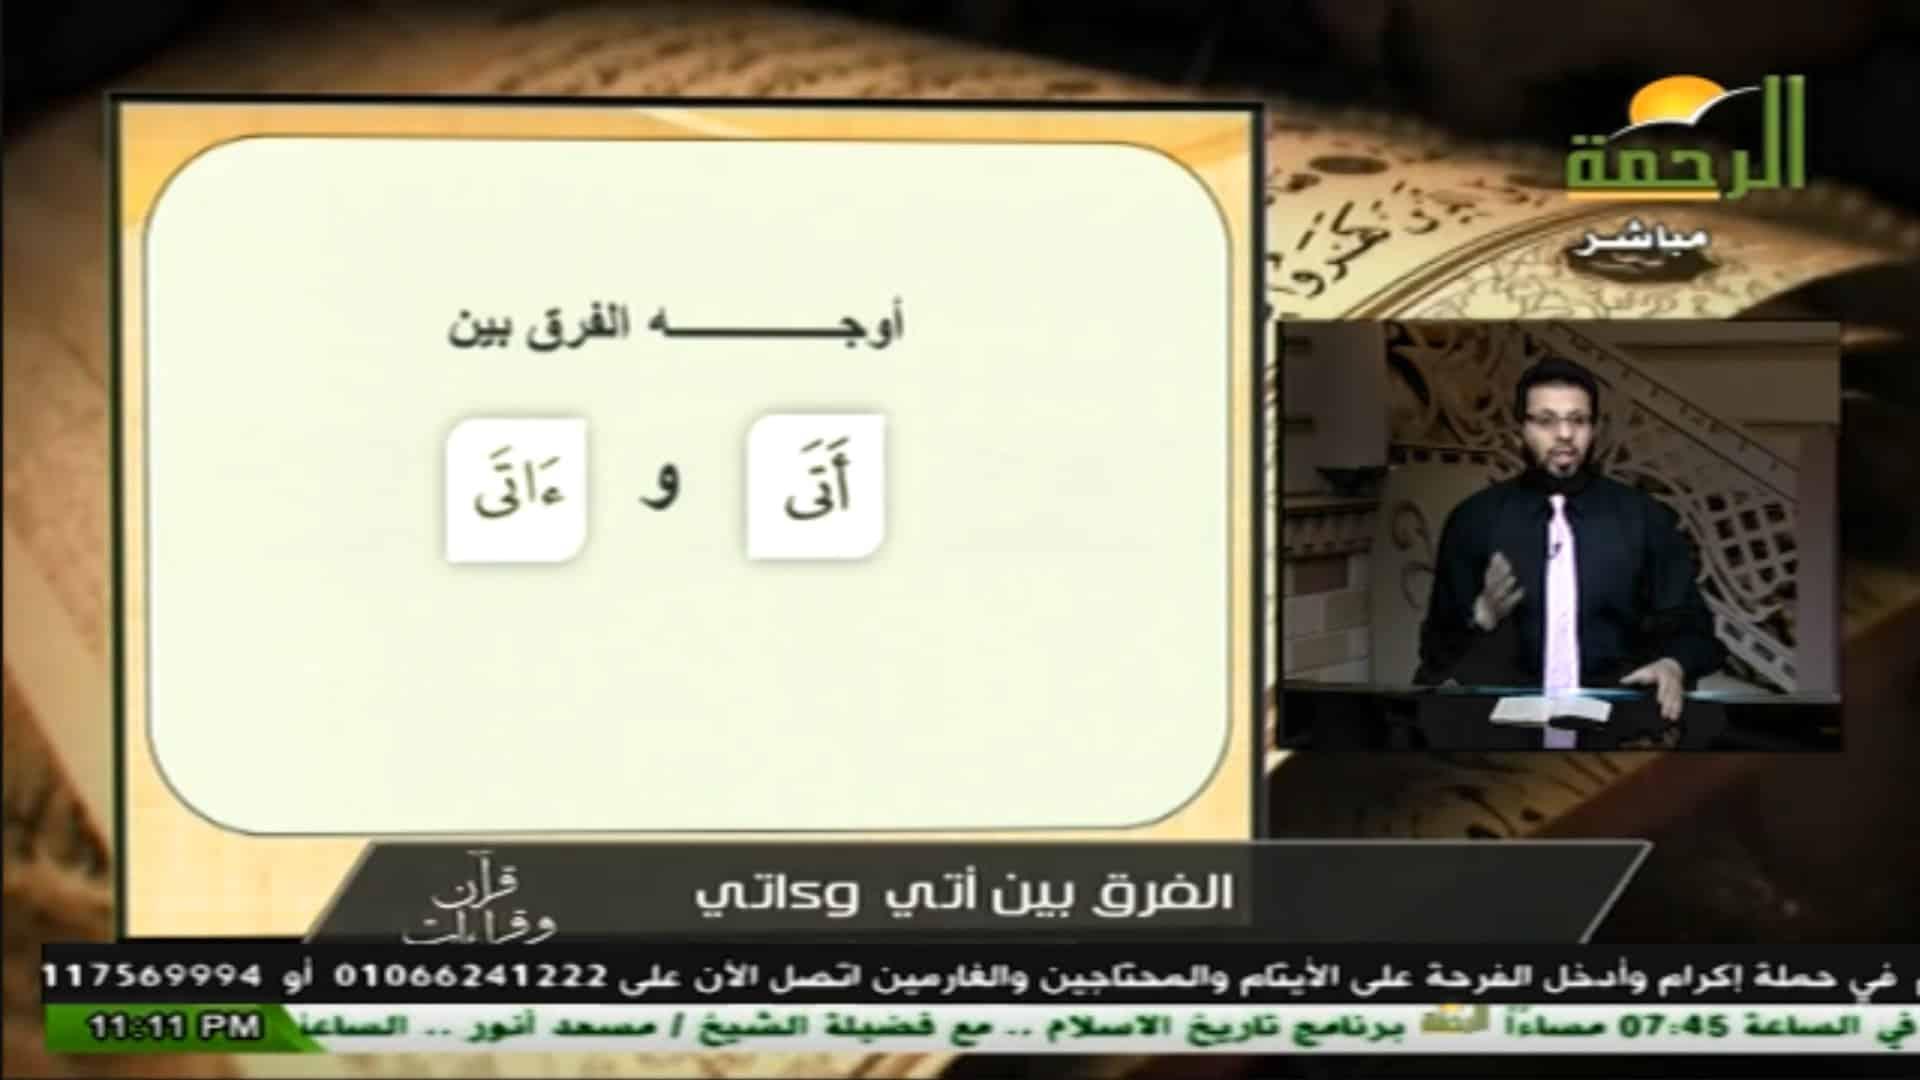 الفرق بين أتى و  ءاتى | قرآن وقراءات |  الشيخ محمد حسن